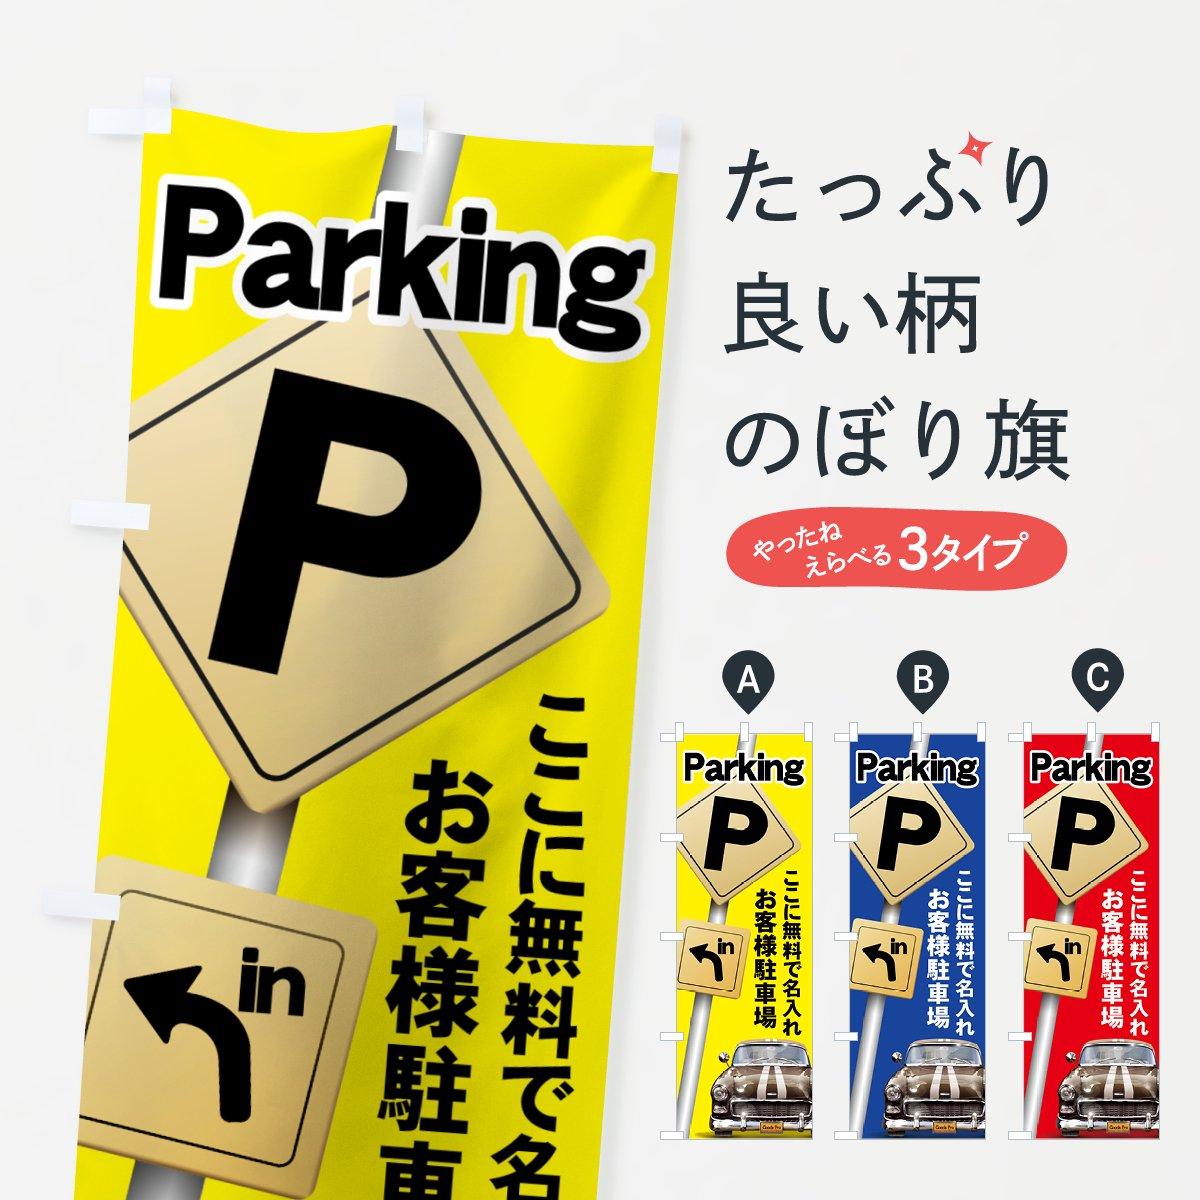 【名入無料】のぼり旗 お客様駐車場 Parking